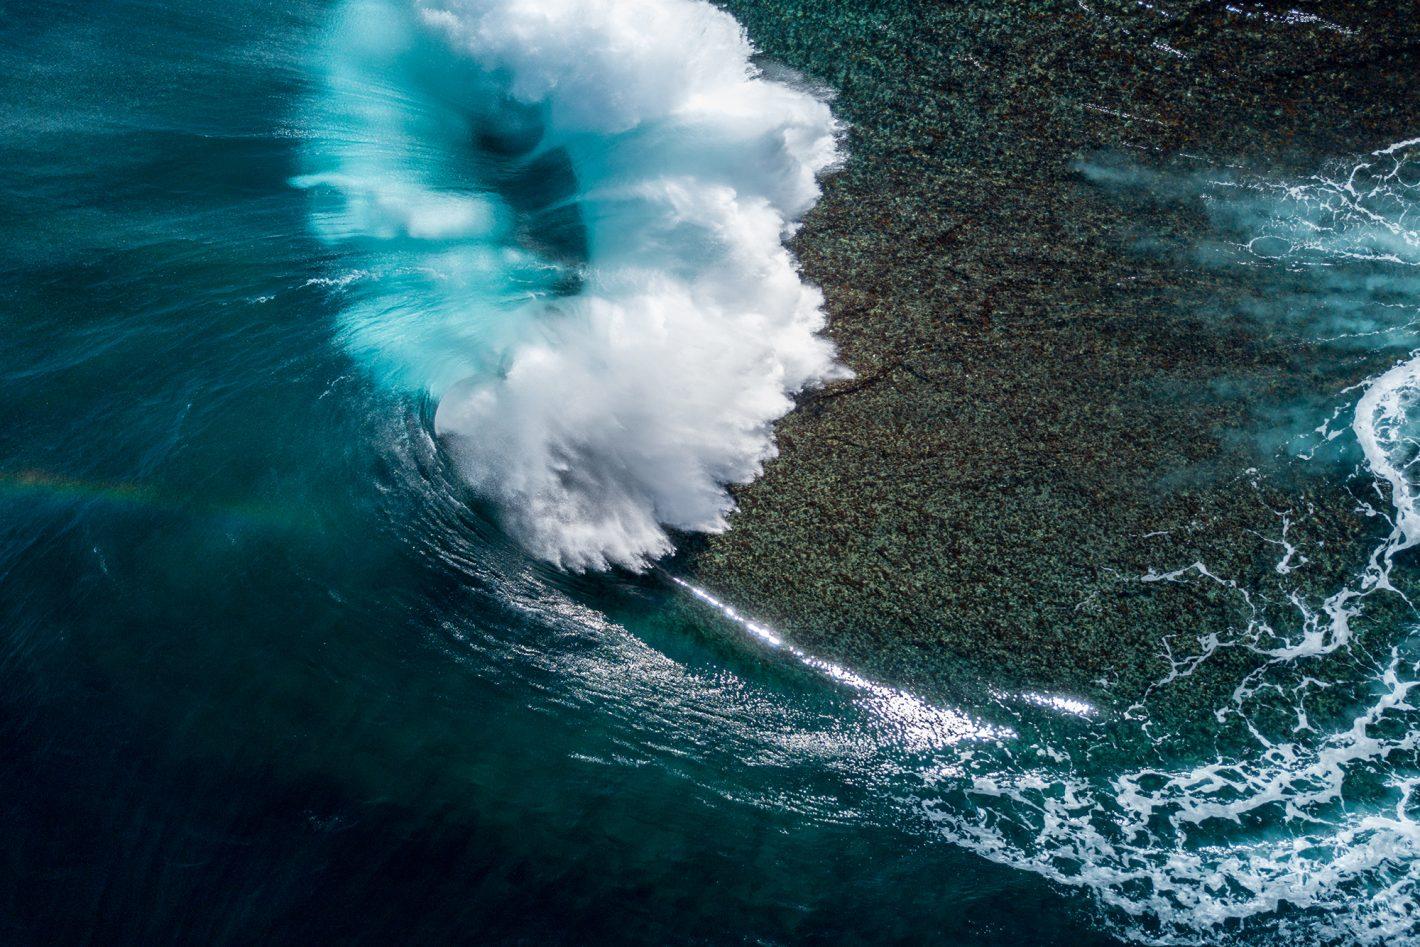 Découvrez les résultats du Nikon Surf Photo of the Year 2018